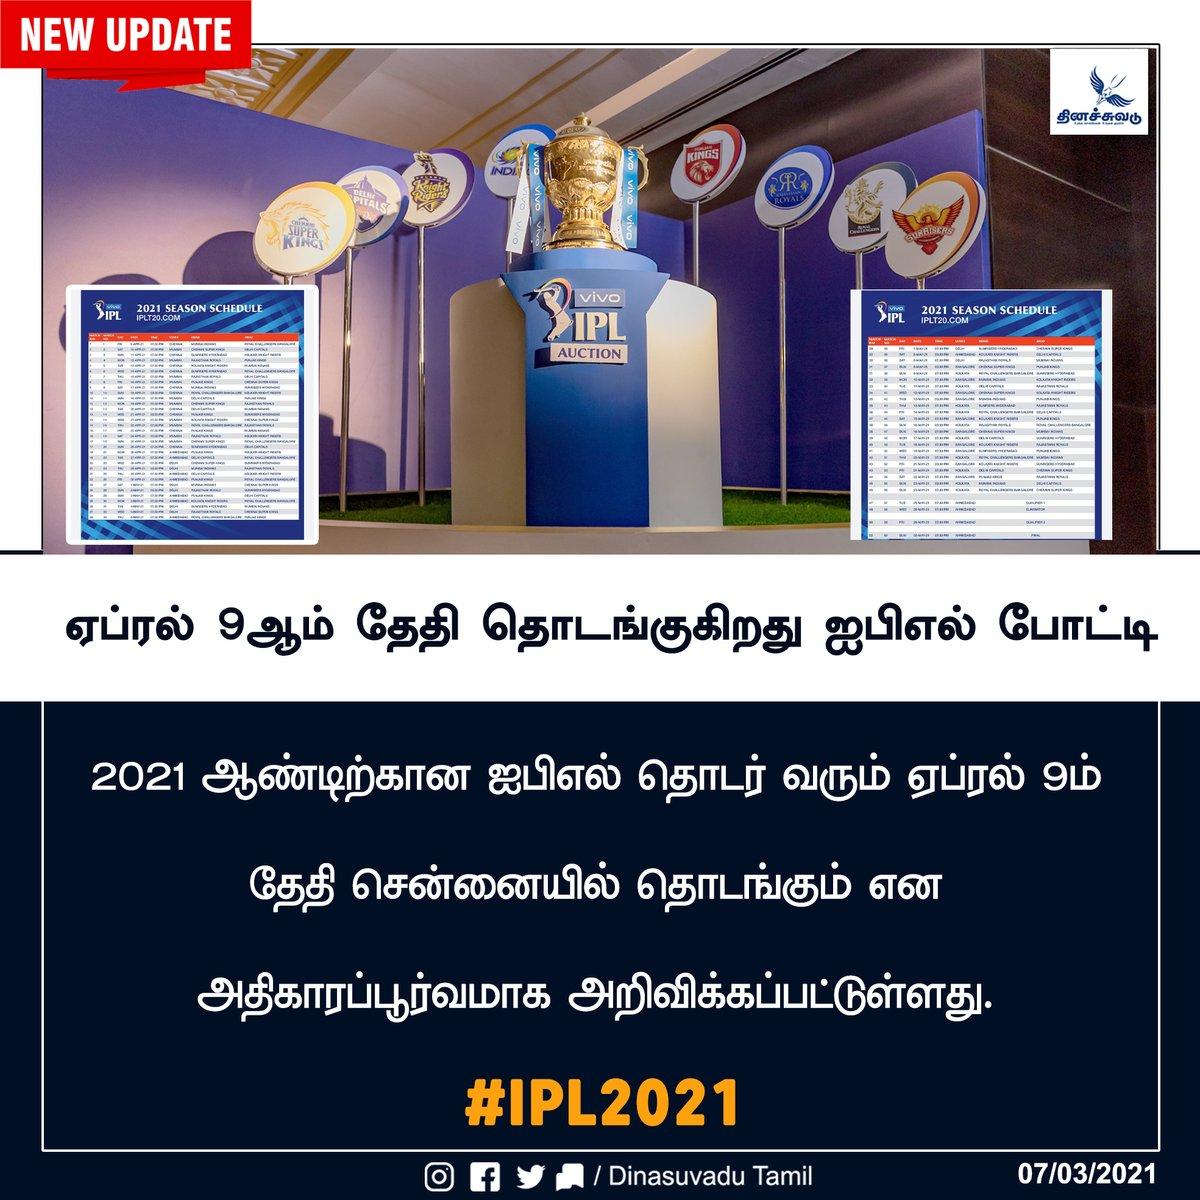 ஏப்ரல் 9ஆம் தேதி தொடங்குகிறது ஐபிஎல் போட்டி..!  #IPL2021Updates | #IPL2020 | #sports | #Cricket